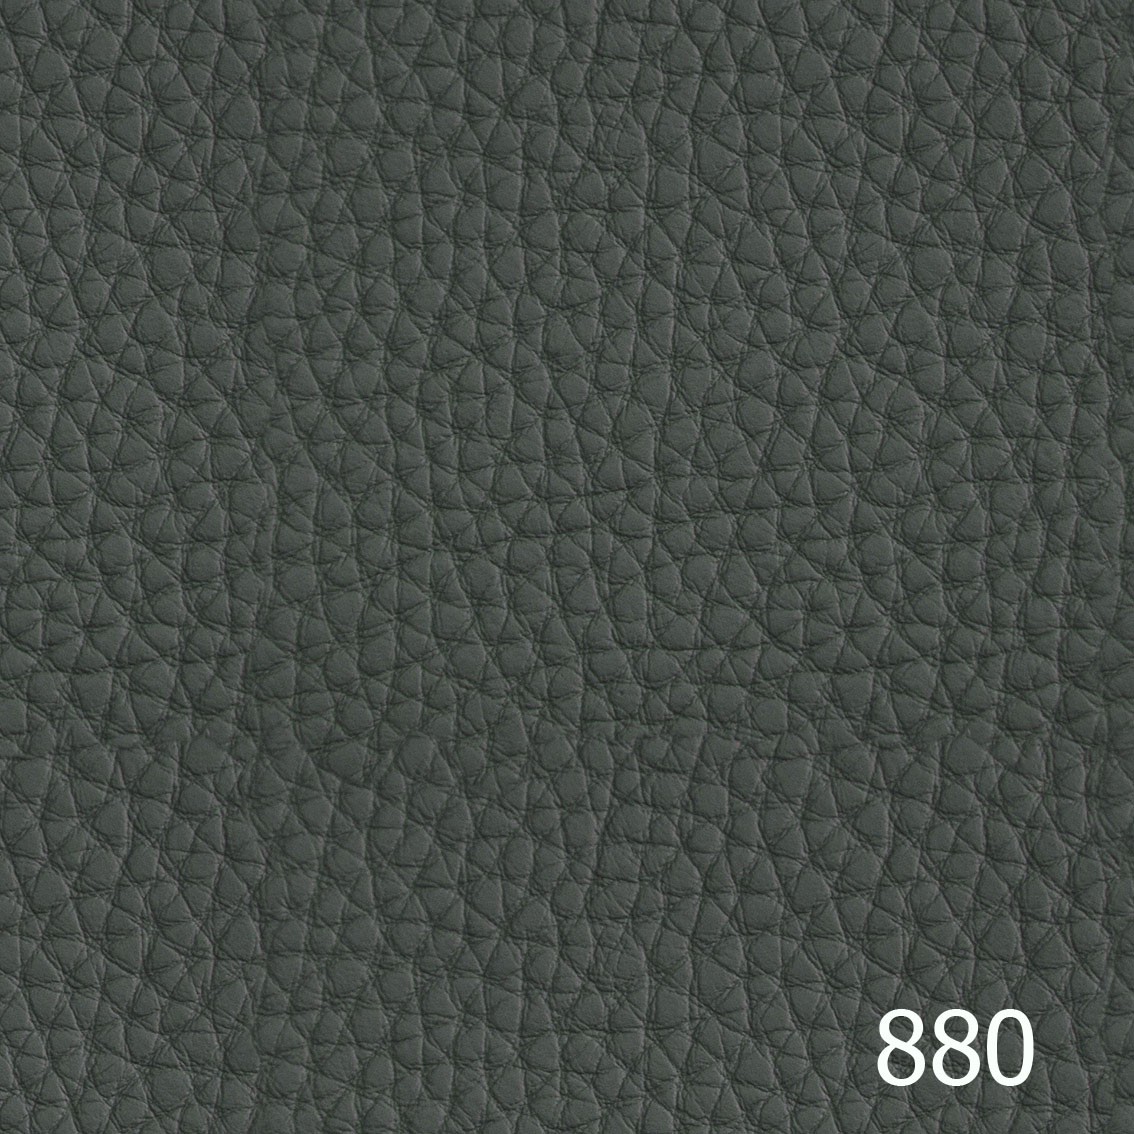 880-min